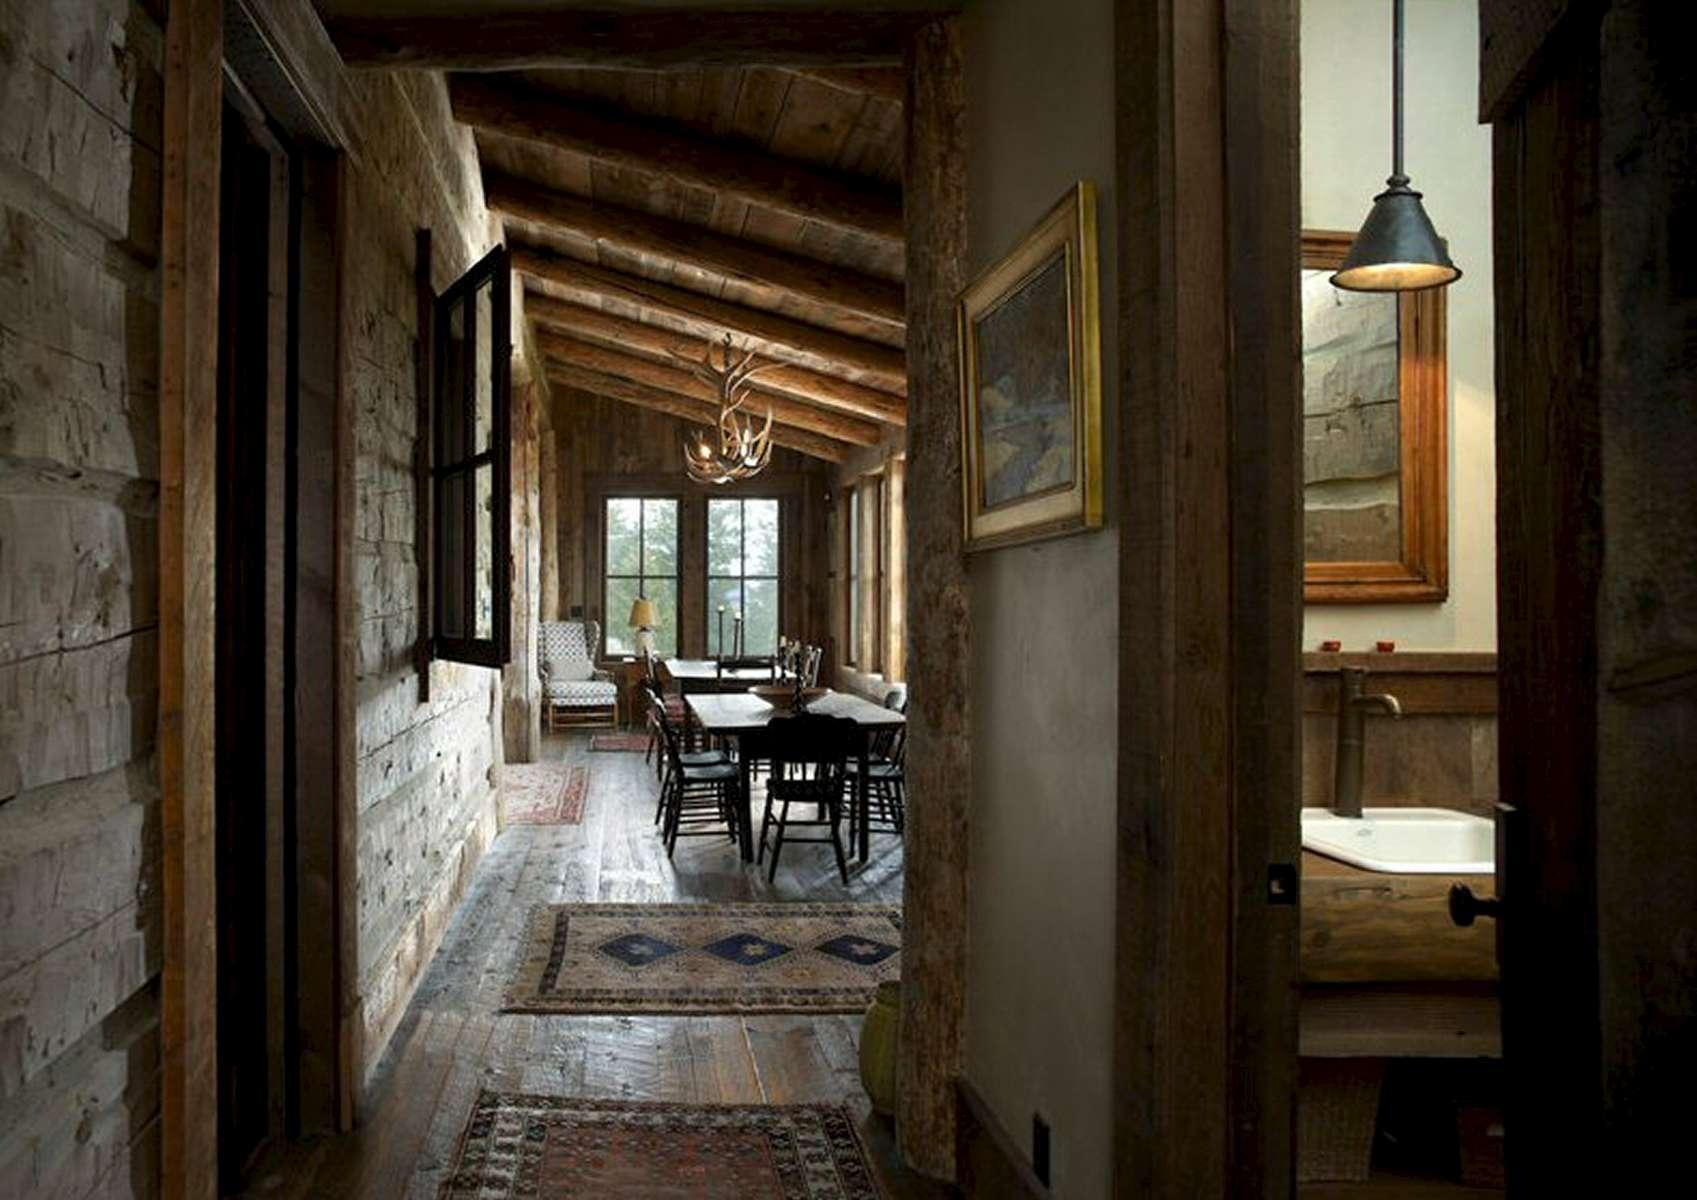 plan-west-design-firm-_interior-508